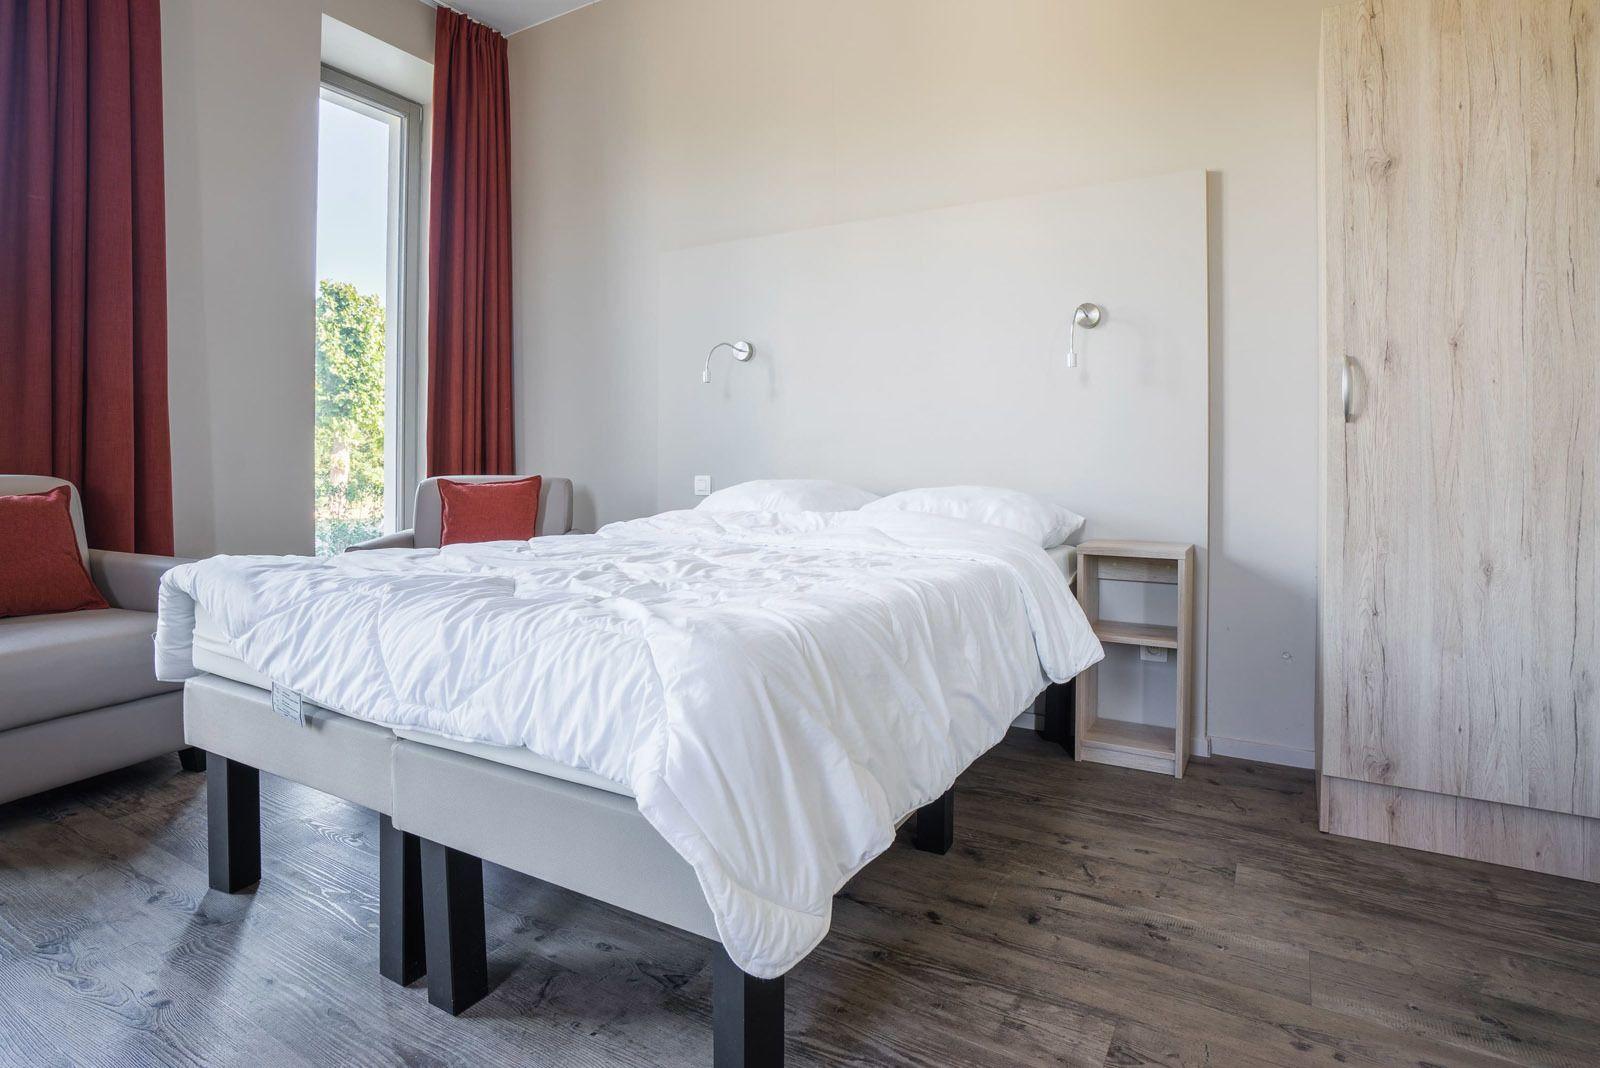 Vakantieverblijf voor twee personen, toegankelijk voor mindervaliden